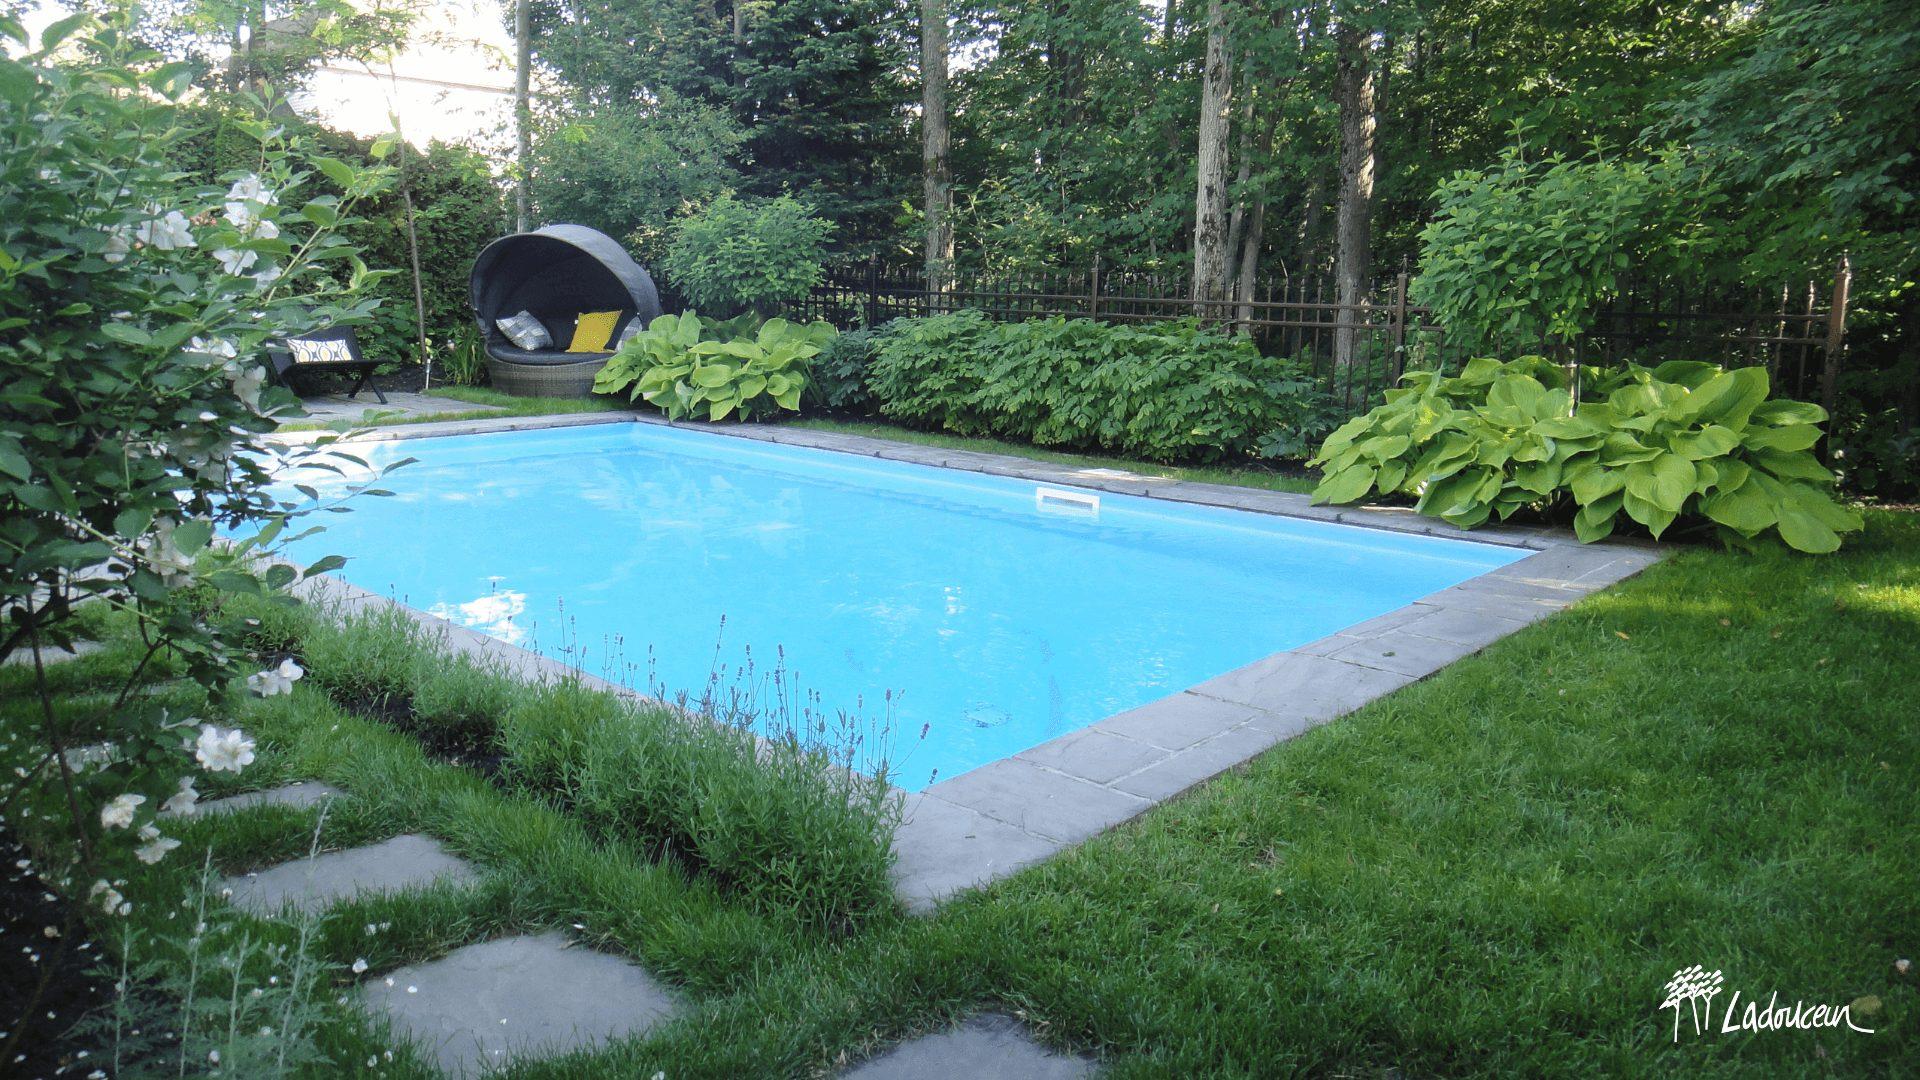 Ladouceur piscines creusées tendances 2021 pourtour végétal